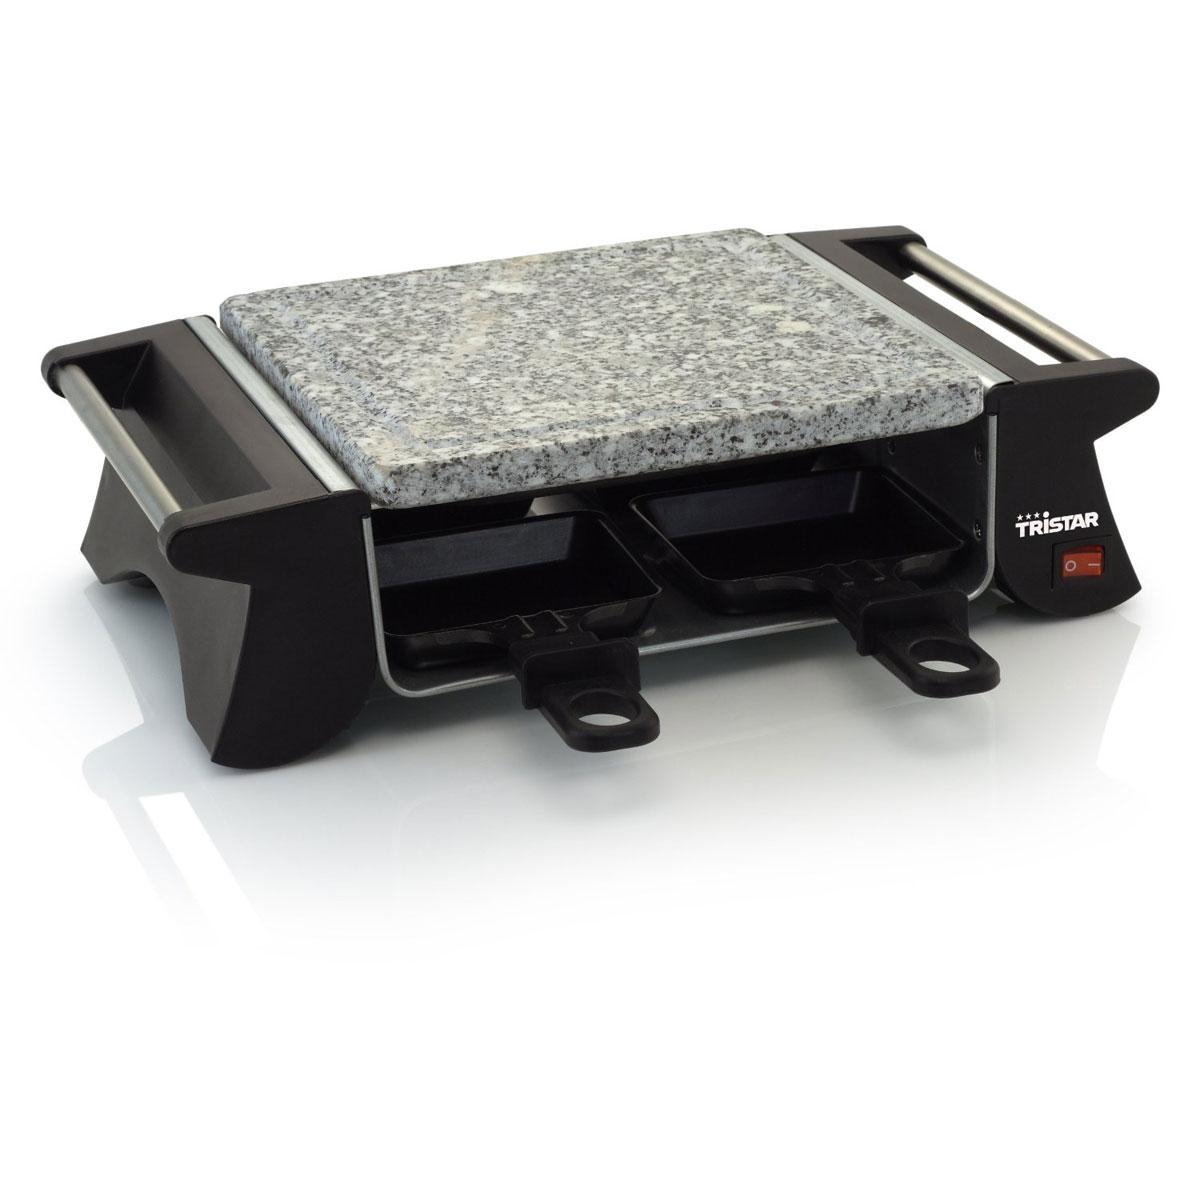 tristar ra-2990 - raclette et pierre à cuire 4 personnes - comparer